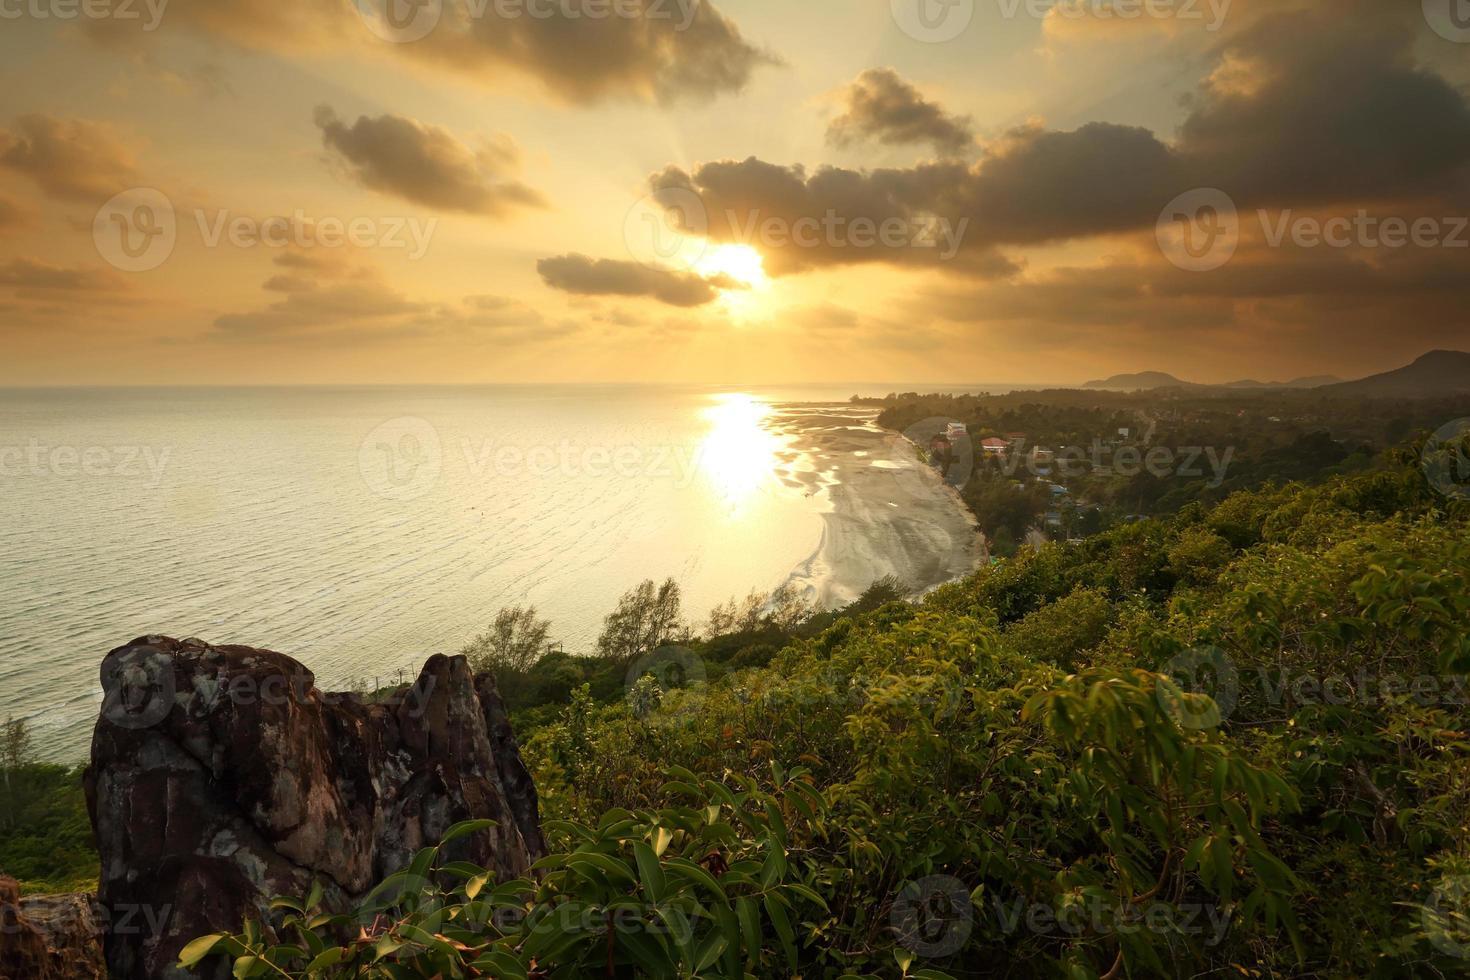 utsikt från berget på stranden vid solnedgången foto